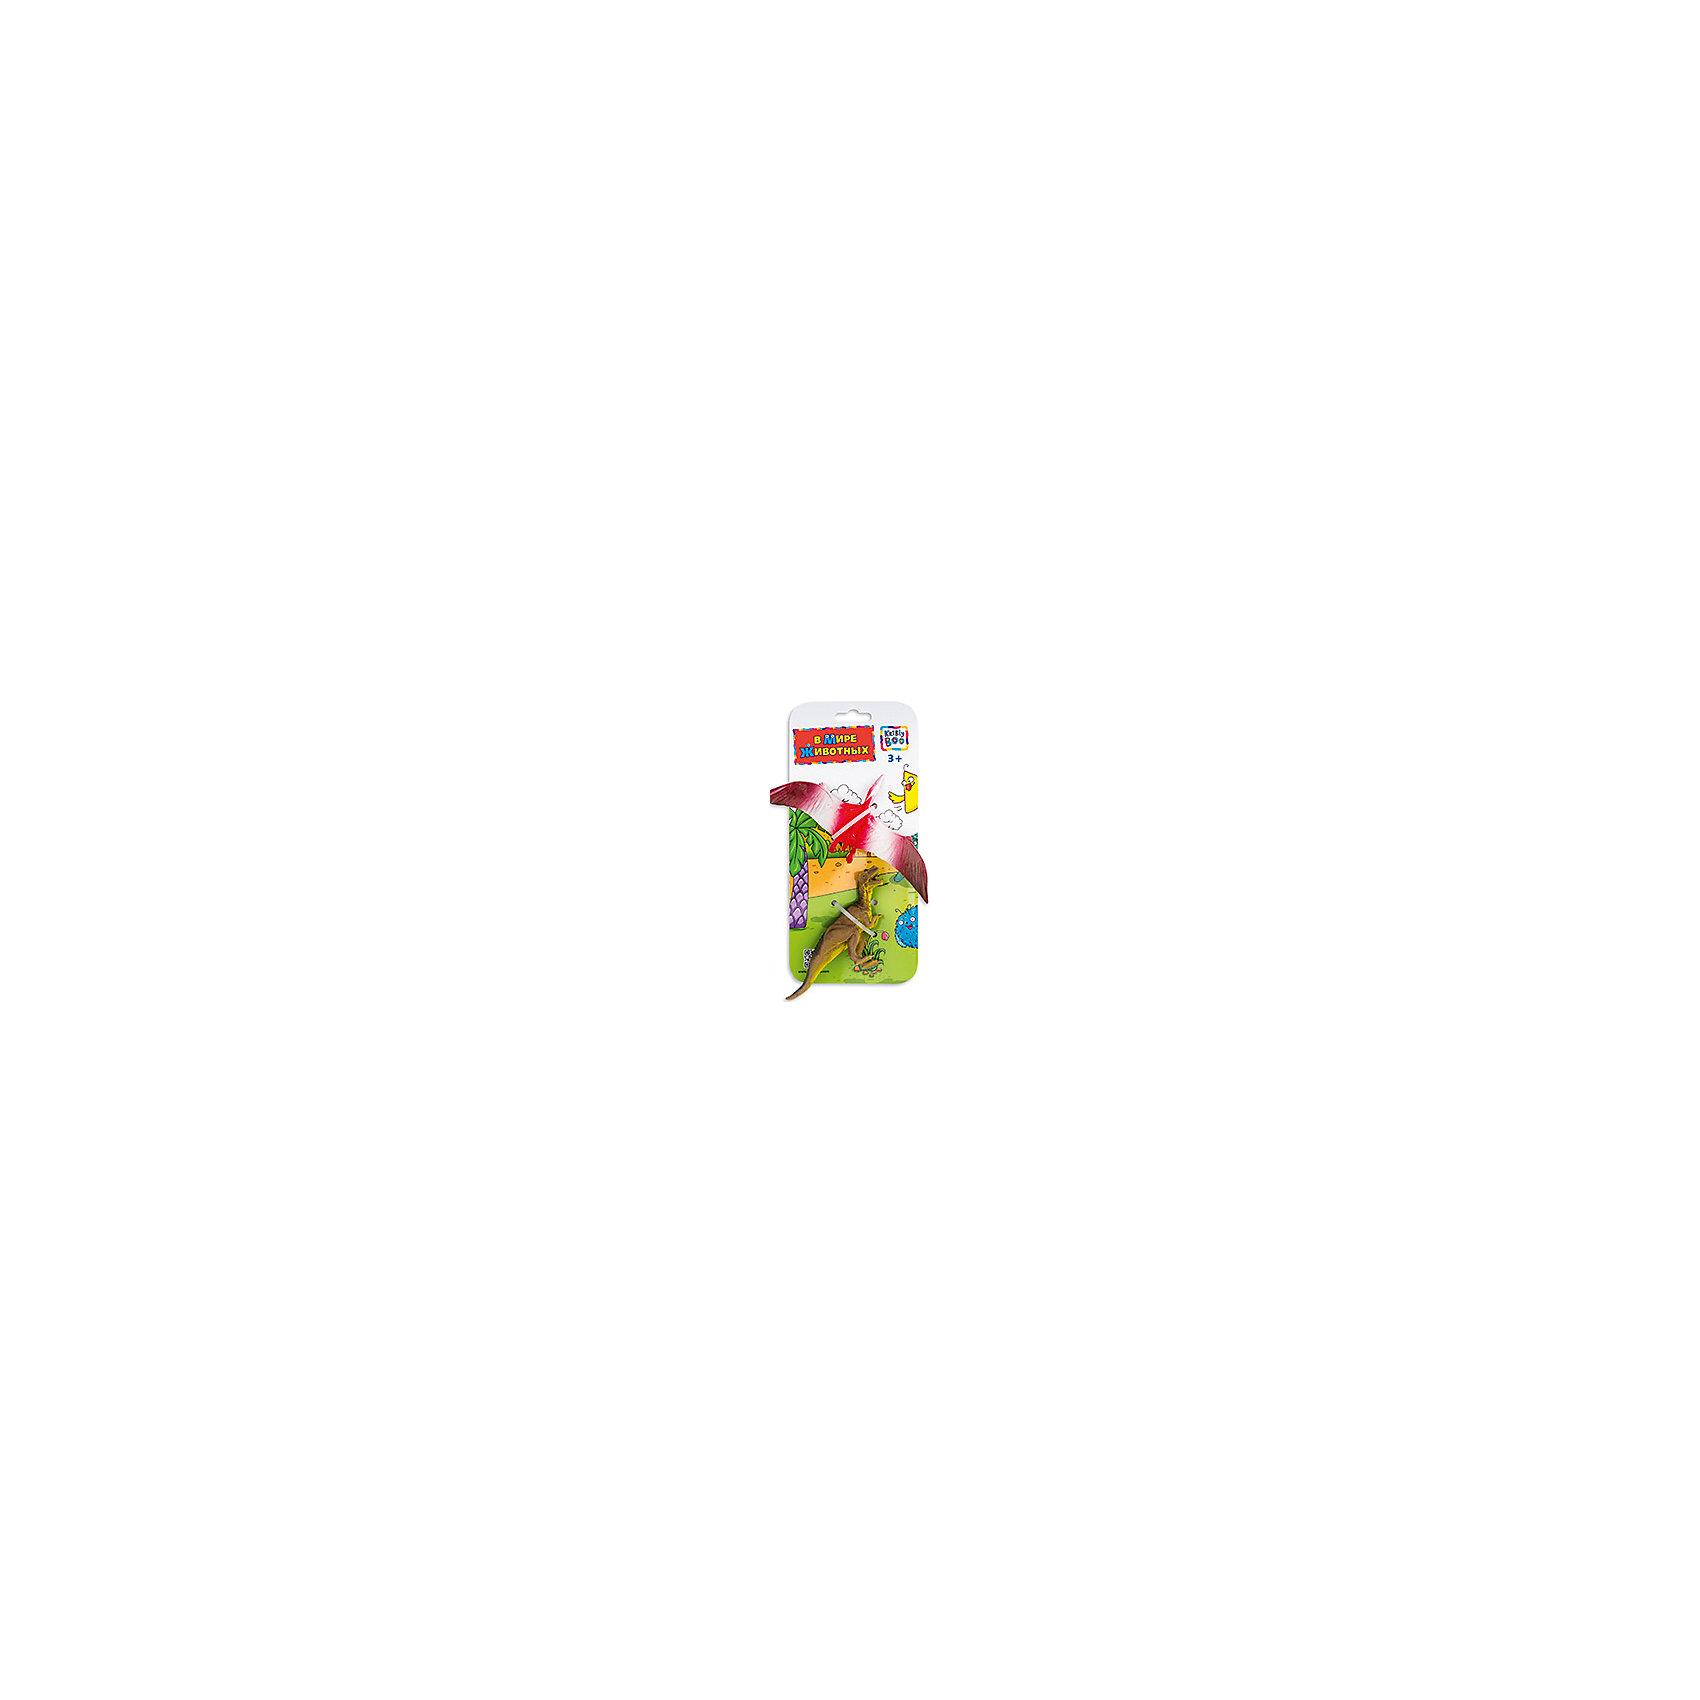 Фигурки зверей В Мире Животных, Птерозавр и Тиранозавра, Kribly BooМир животных<br>Фигурки зверей В Мире Животных, Птерозавр и Тиранозавр, Kribly Boo (Крибли Бу). <br><br>Характеристика:<br><br>• Материал: пластик. <br>• Размер упаковки: 26х12х3 см. <br>• 2 фигурки в наборе. <br>• Фигурки хорошо детализированы и реалистично раскрашены. <br><br>Собери свою коллекцию животных вместе с Kribly Boo. В наборе представлены фигурки птерозавра и тиранозавра. Придумывай увлекательные истории из жизни динозавров, узнай, где они обитали и чем питались. Игрушки прекрасно детализированы и реалистично раскрашены, изготовлены из высококачественных материалов безопасных для детей. <br><br>Фигурки зверей В Мире Животных, Птерозавра и Тиранозавра, Kribly Boo (Крибли Бу), можно купить в нашем магазине.<br><br>Ширина мм: 260<br>Глубина мм: 30<br>Высота мм: 120<br>Вес г: 20<br>Возраст от месяцев: 60<br>Возраст до месяцев: 120<br>Пол: Унисекс<br>Возраст: Детский<br>SKU: 5059090